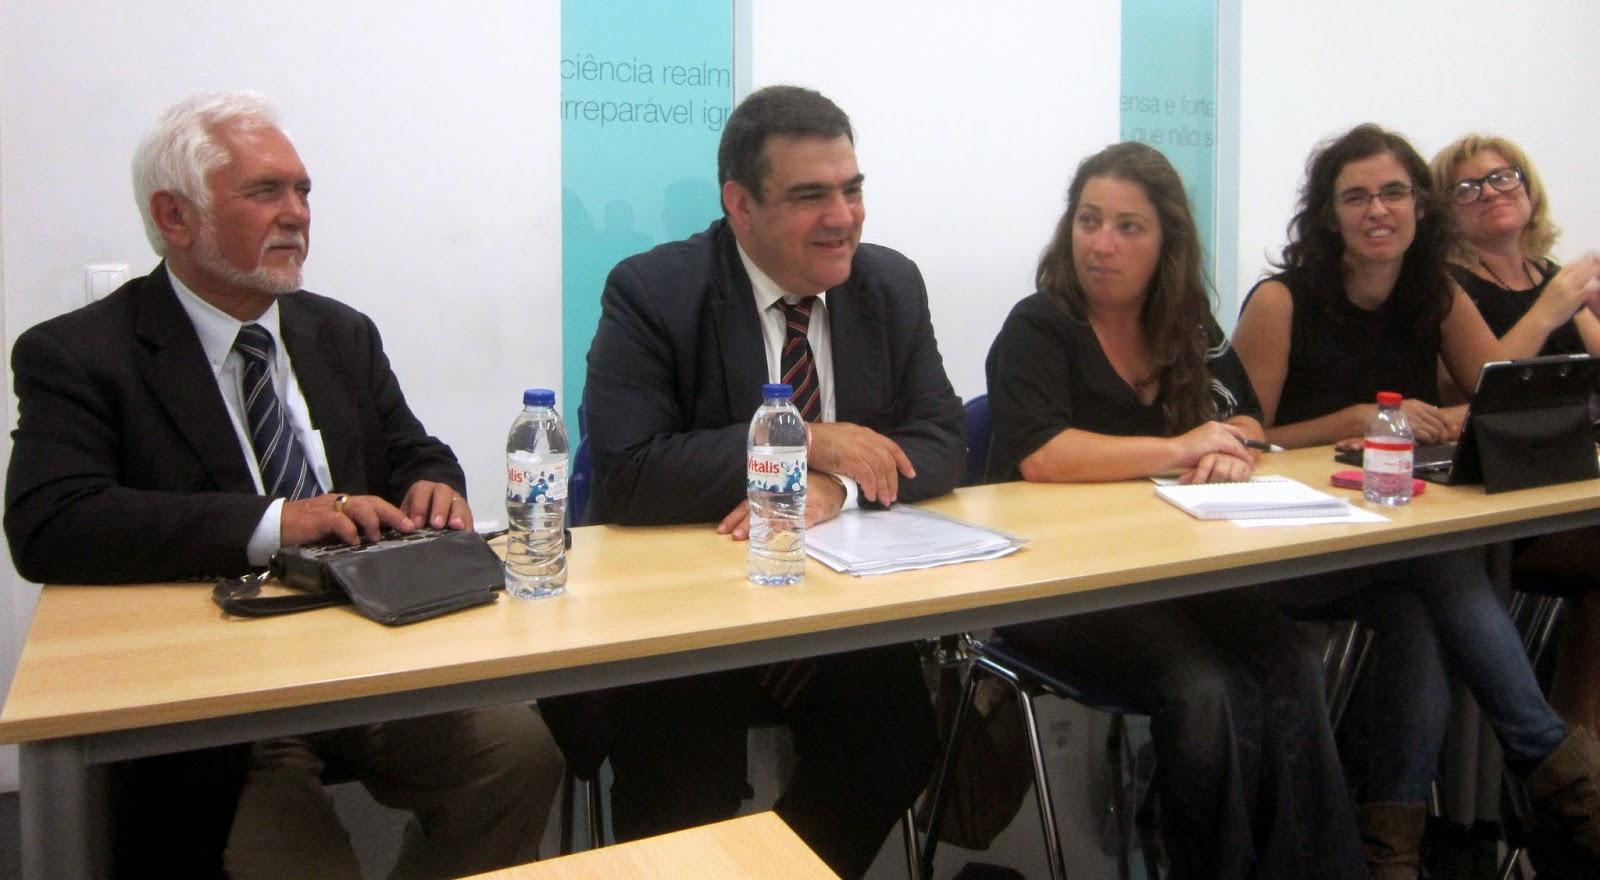 Fotografia onde se pode ver o Dr. José Serôdio, Presidente do INR, e outros participantes